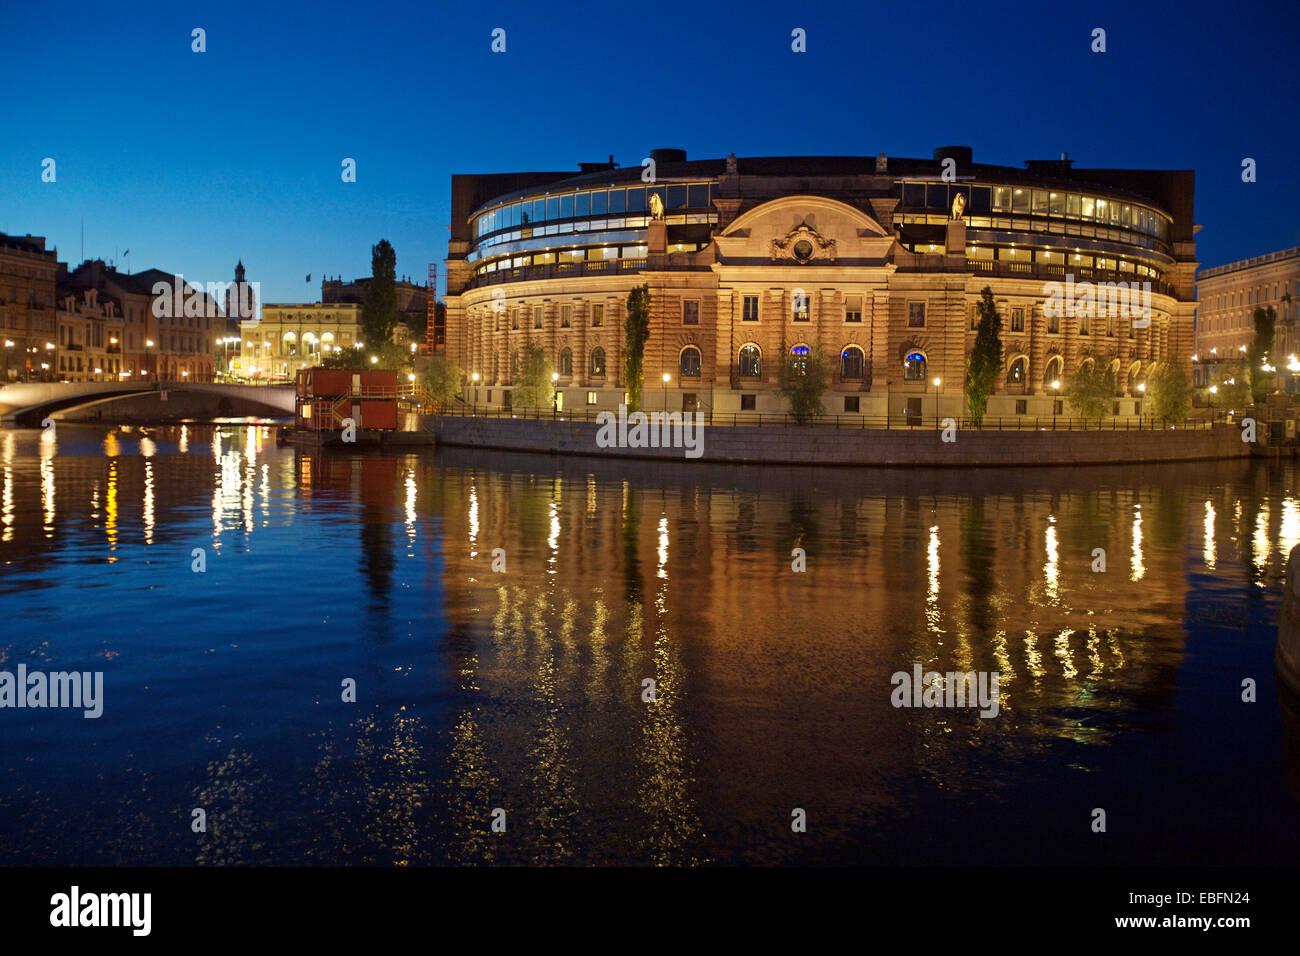 Parliament at Night, Helgeandsholmen, Stockholm, Sweden - Stock Image